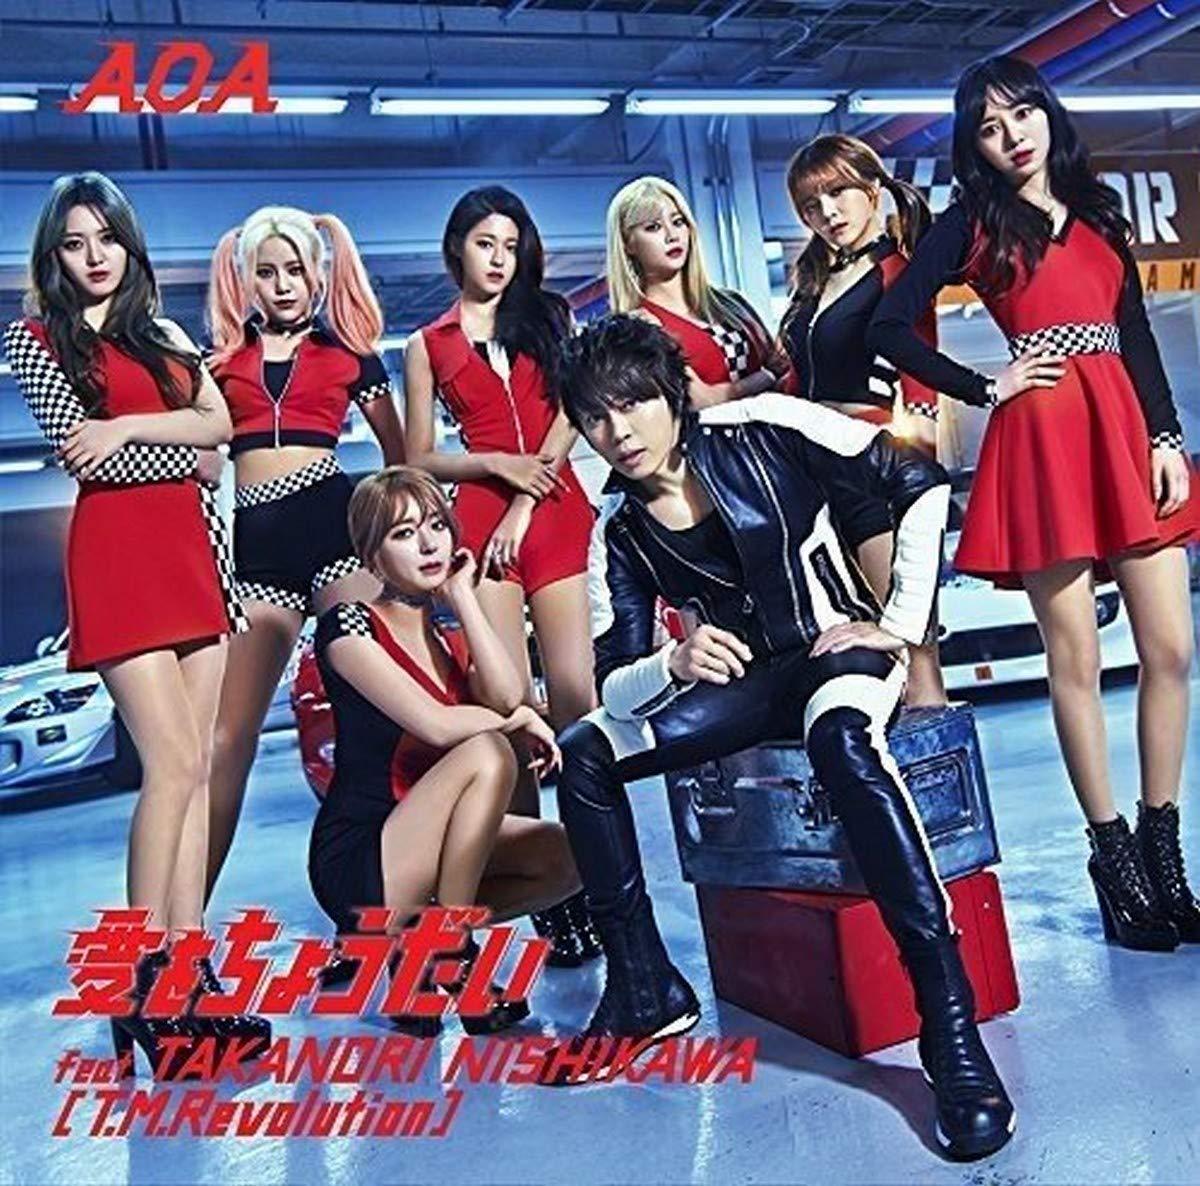 Ai Wo Recommendation Super sale Choudai Nishikawa Feat.Takanori